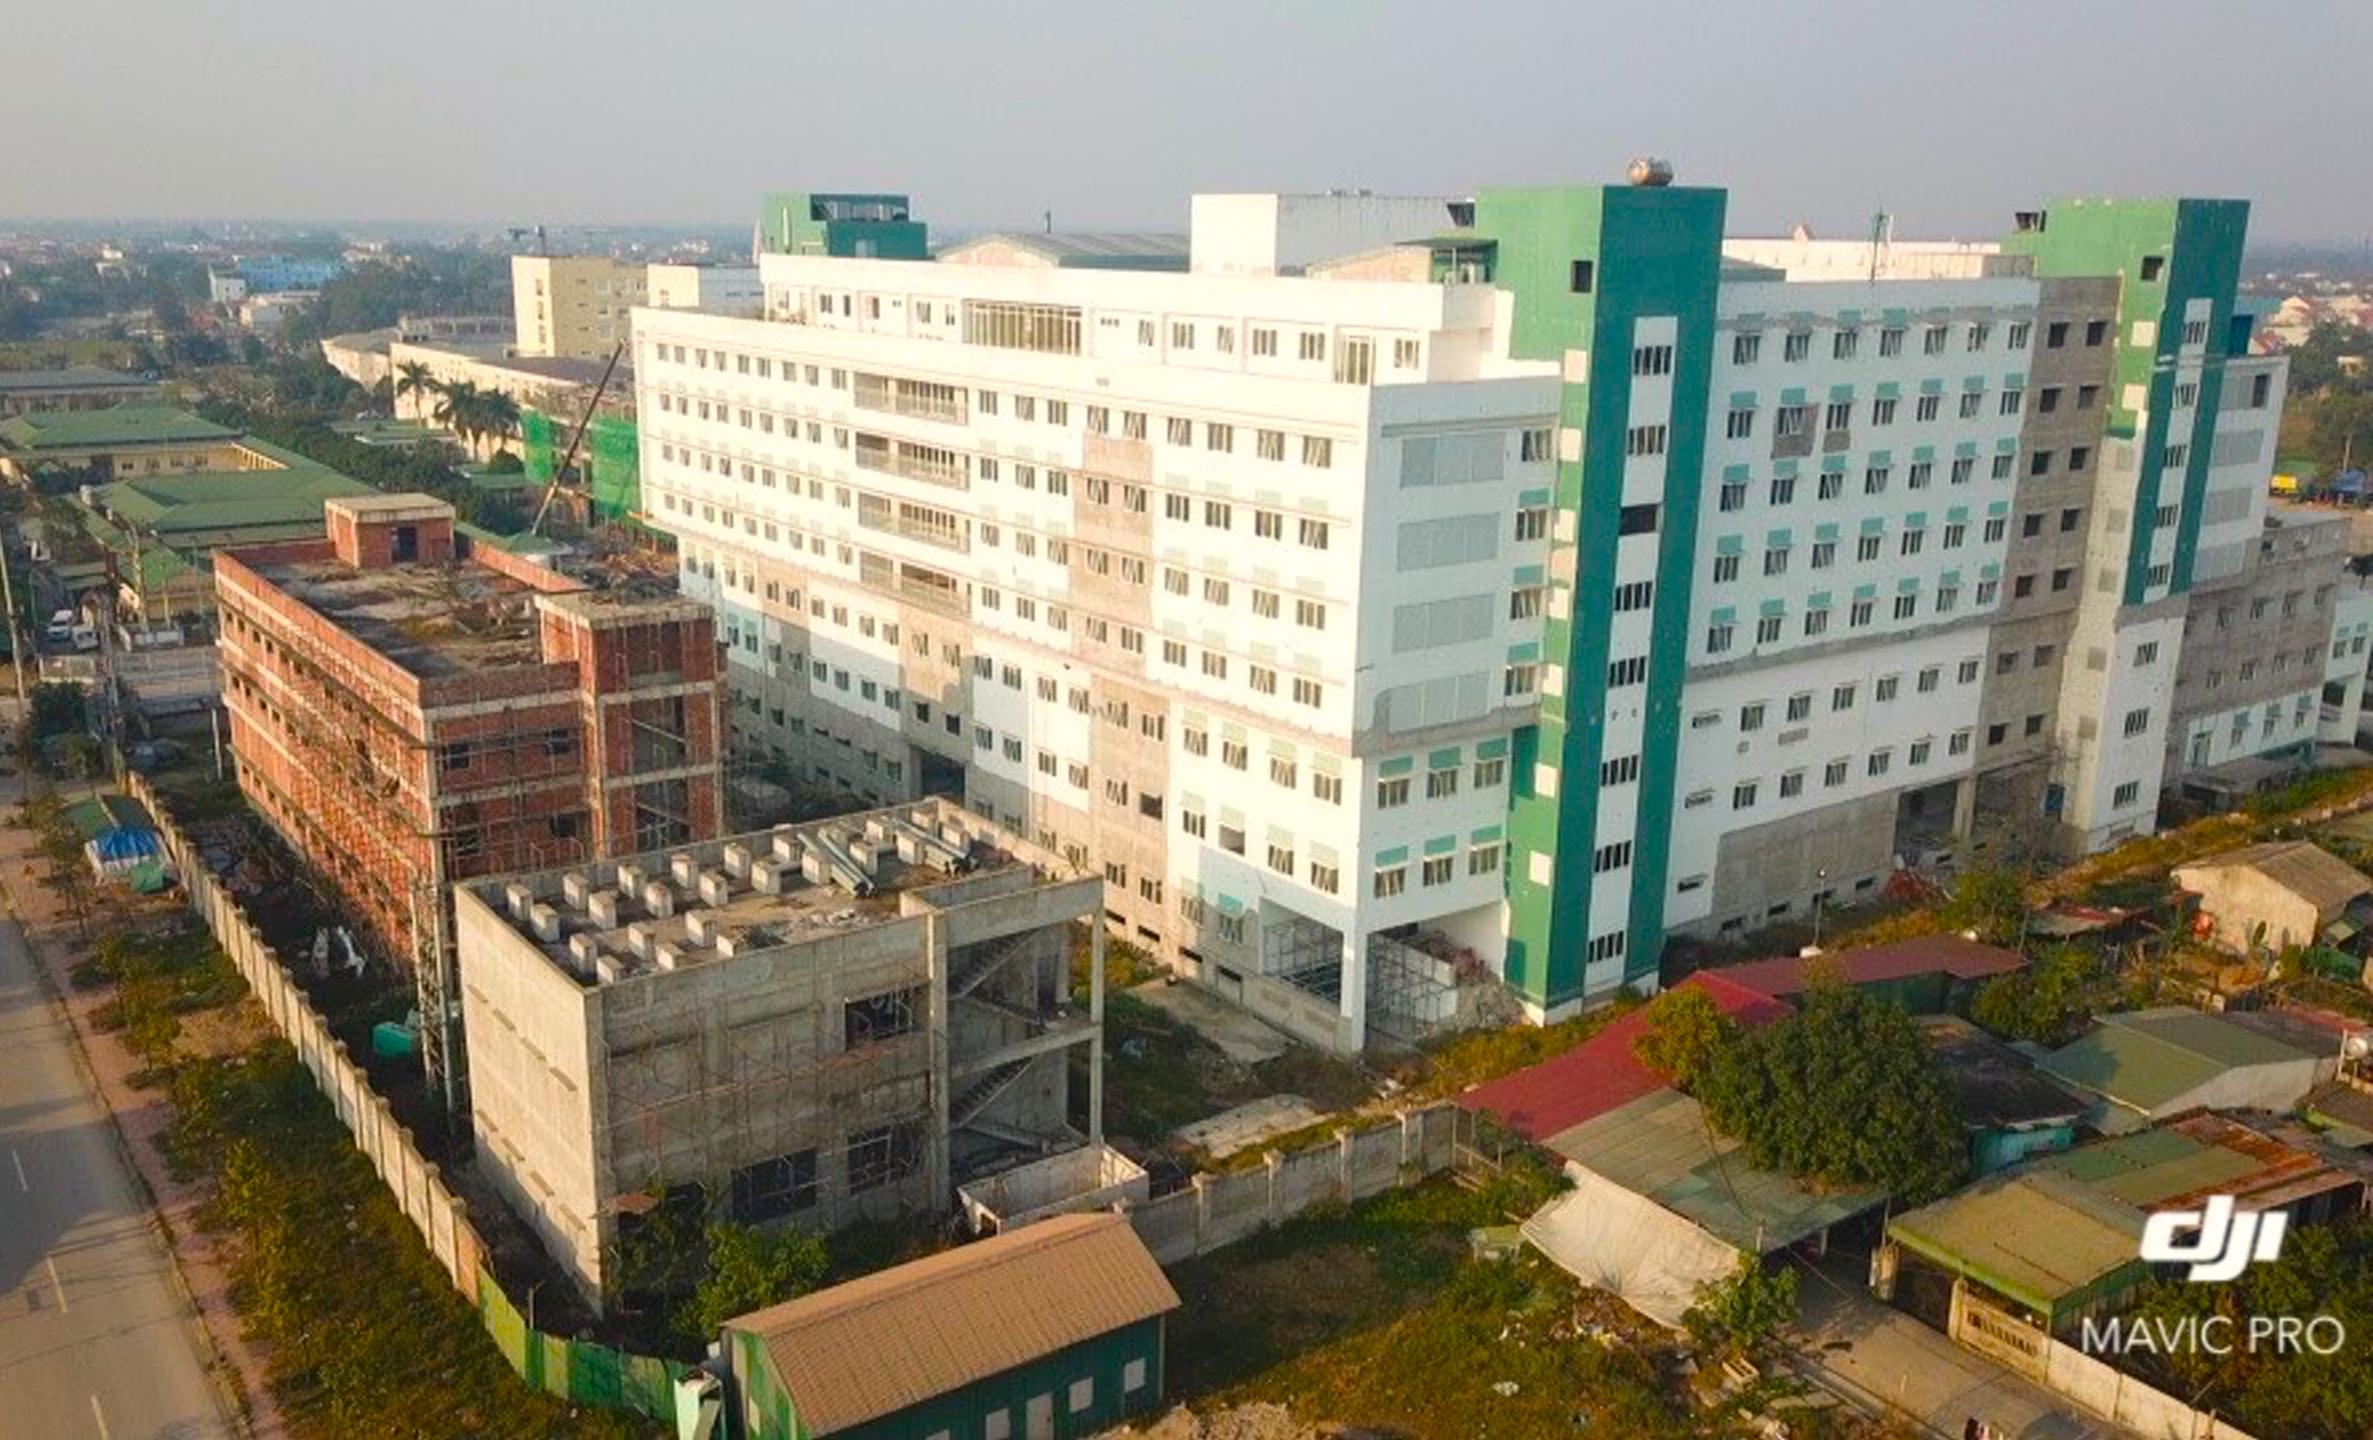 Cảnh nhếch nhác, cỏ mọc um tùm trong dự án bệnh viện nghìn tỷ lớn nhất Bắc Trung Bộ - Ảnh 2.